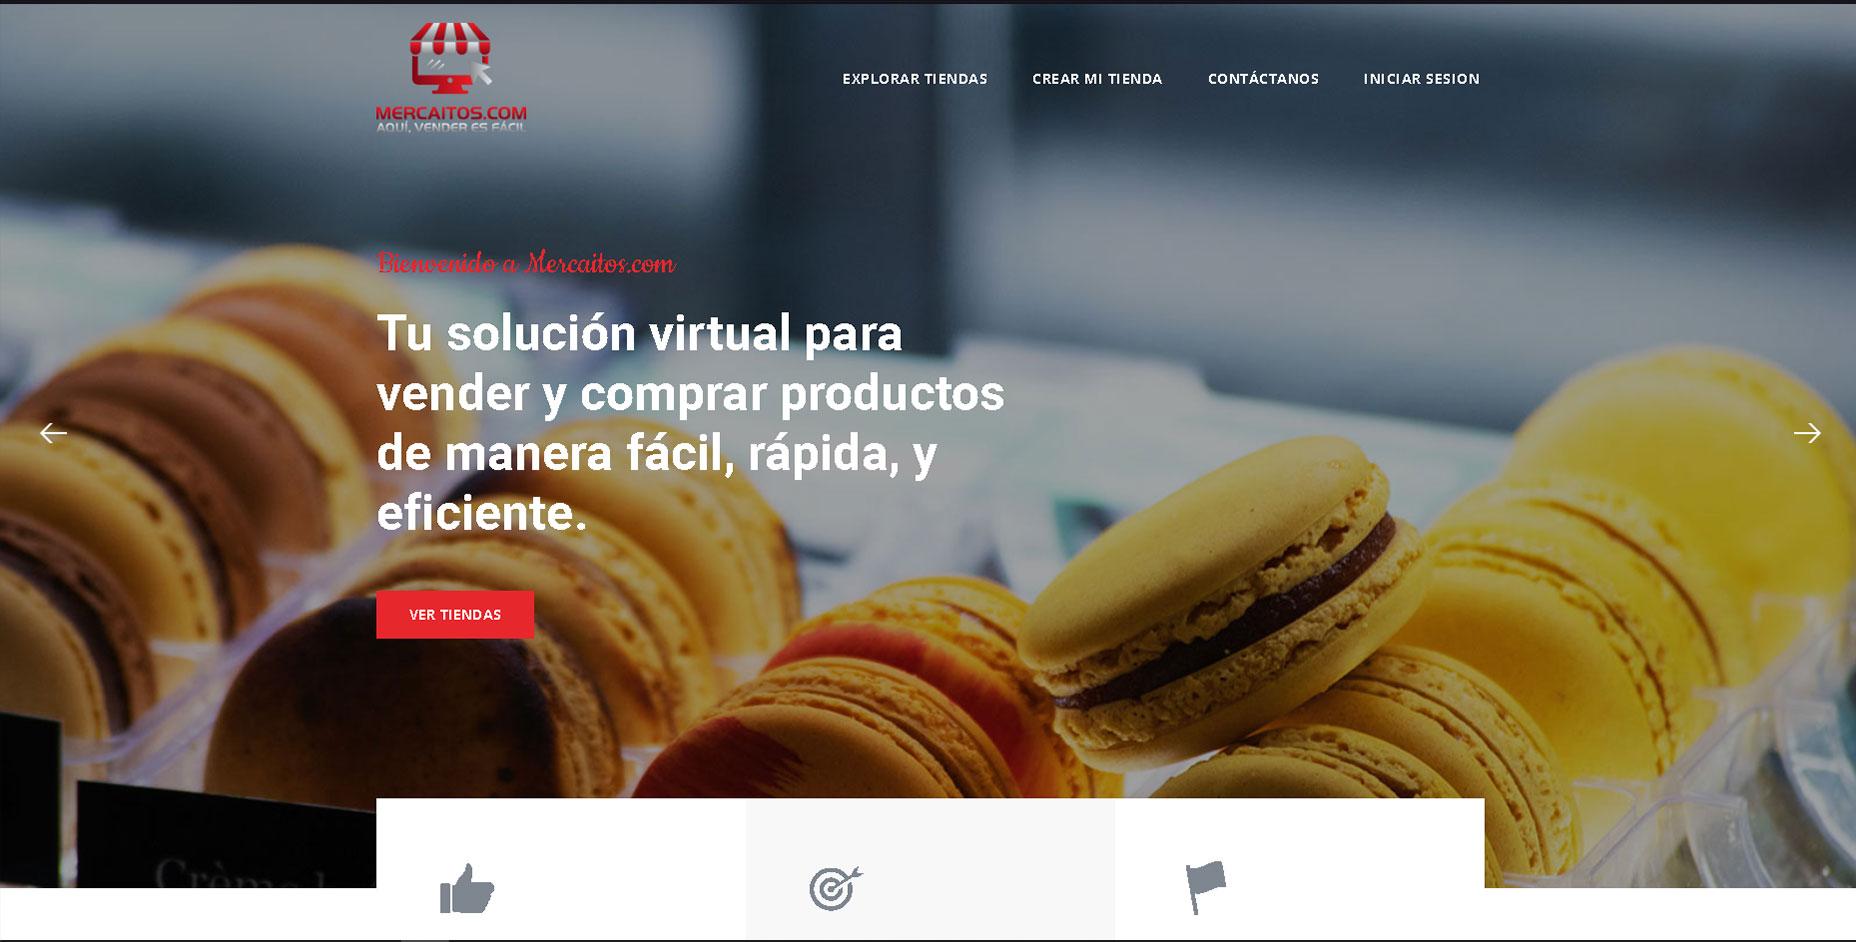 Mercaitos.com